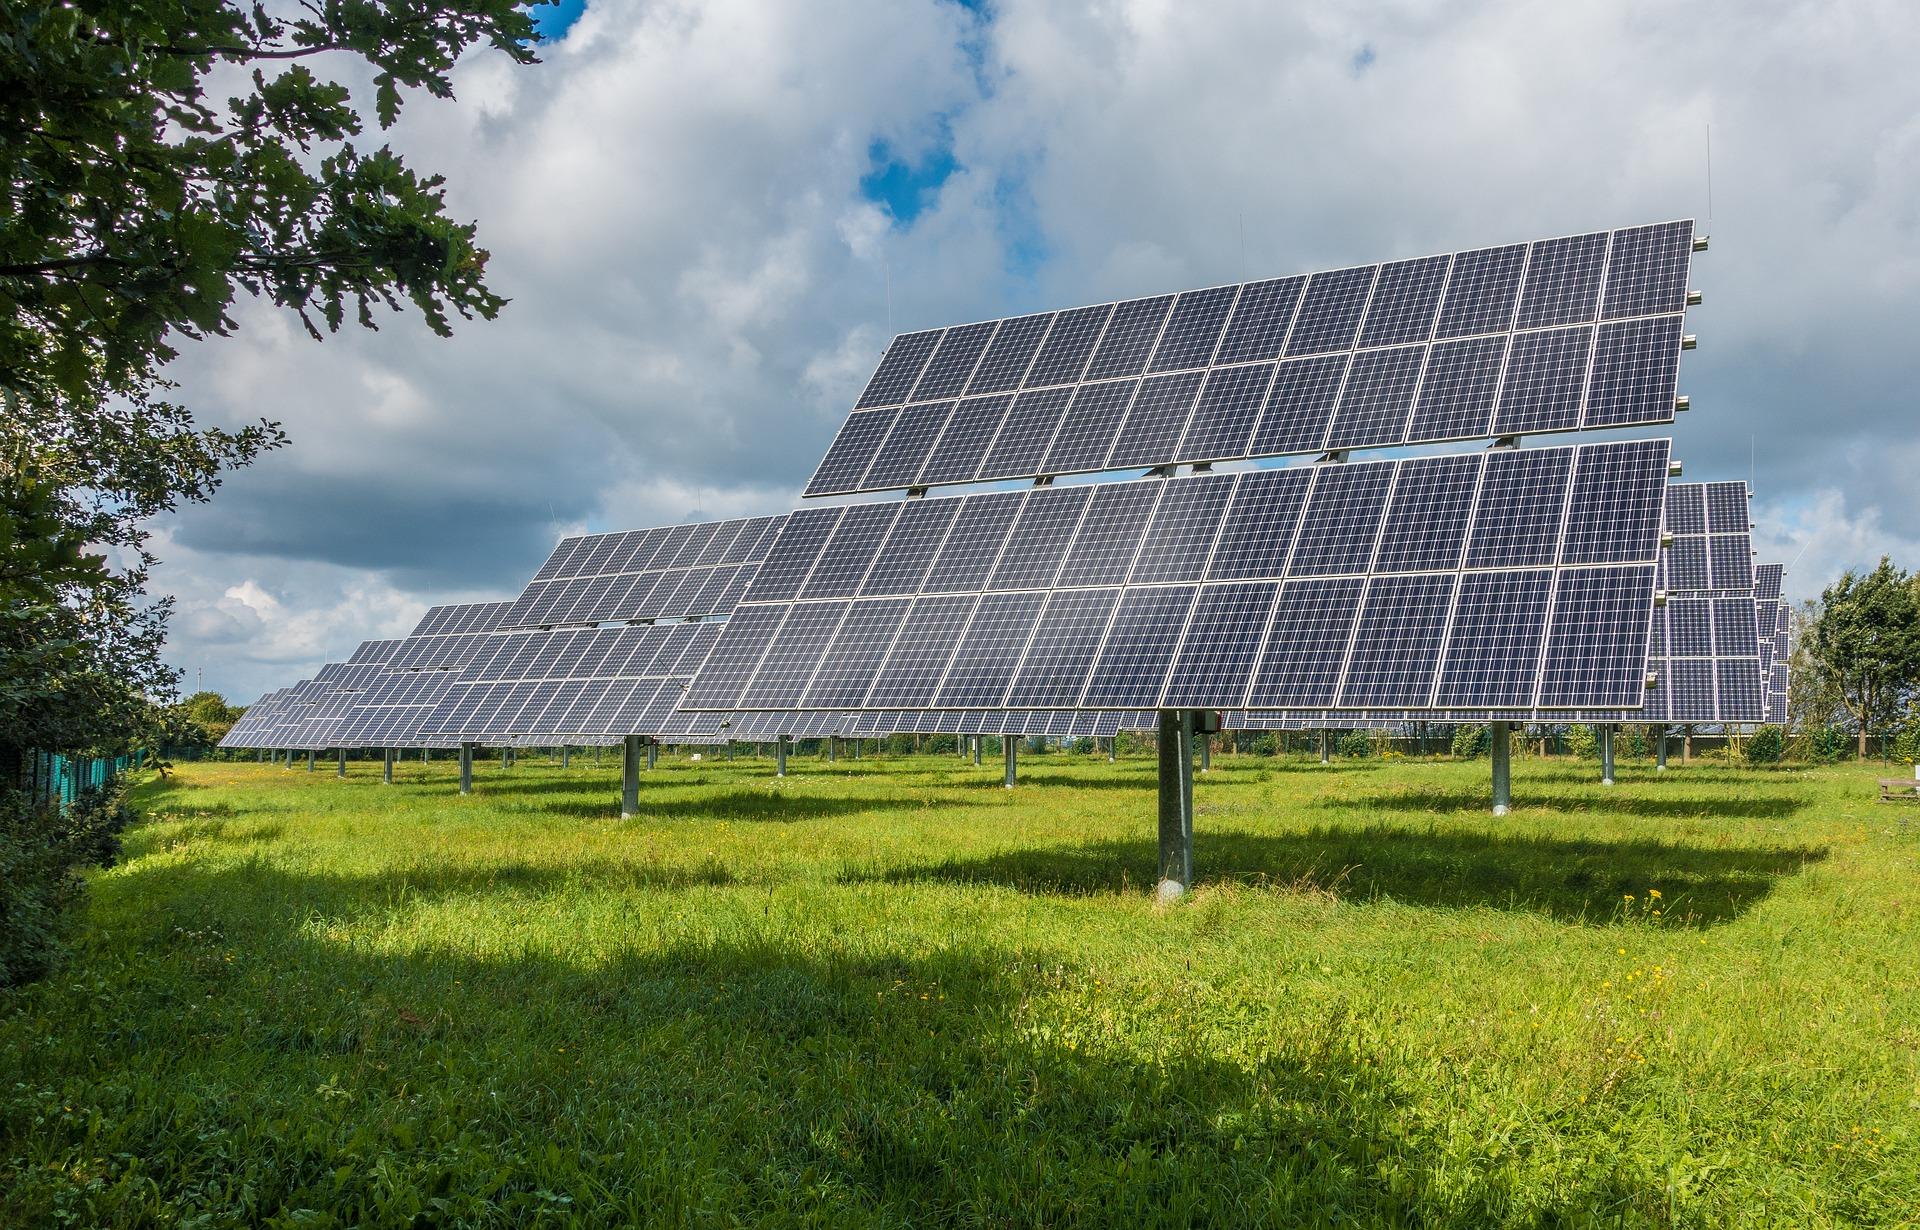 Gemeente Apeldoorn schept duidelijkheid over zonneparken